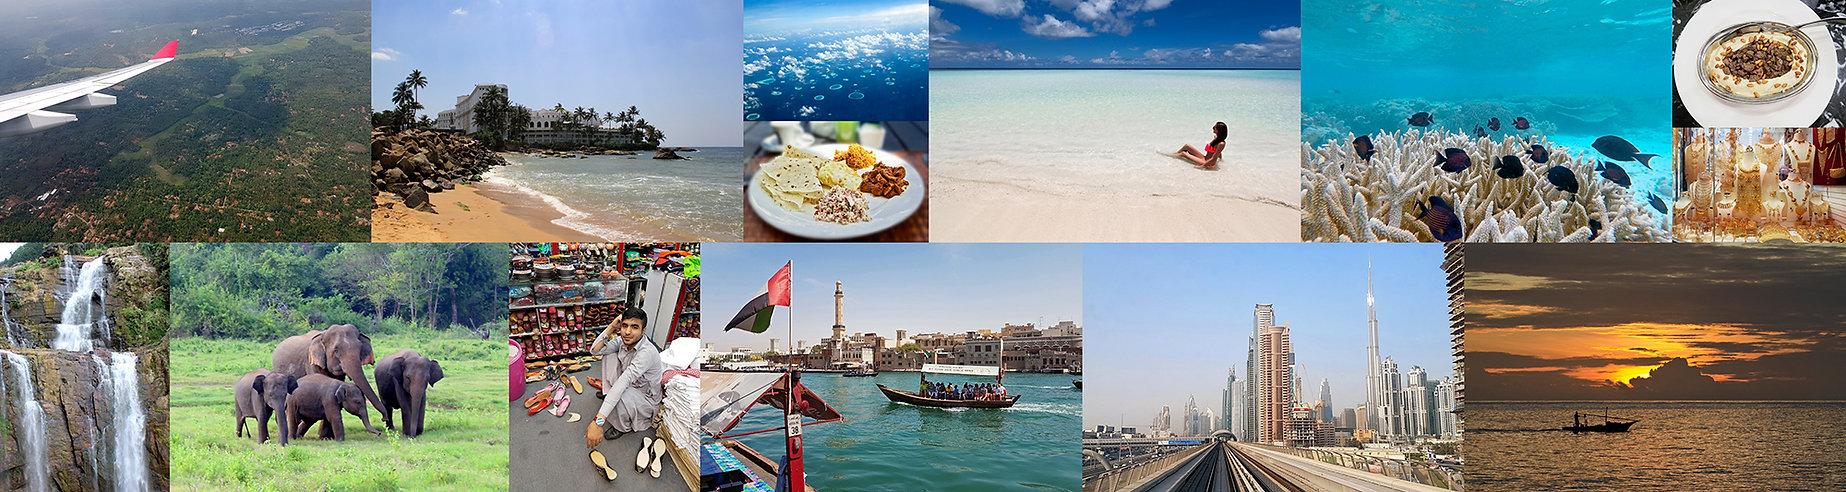 Letenky na Maledivy, letenky na Srí Lanku, letenky do Emirátů